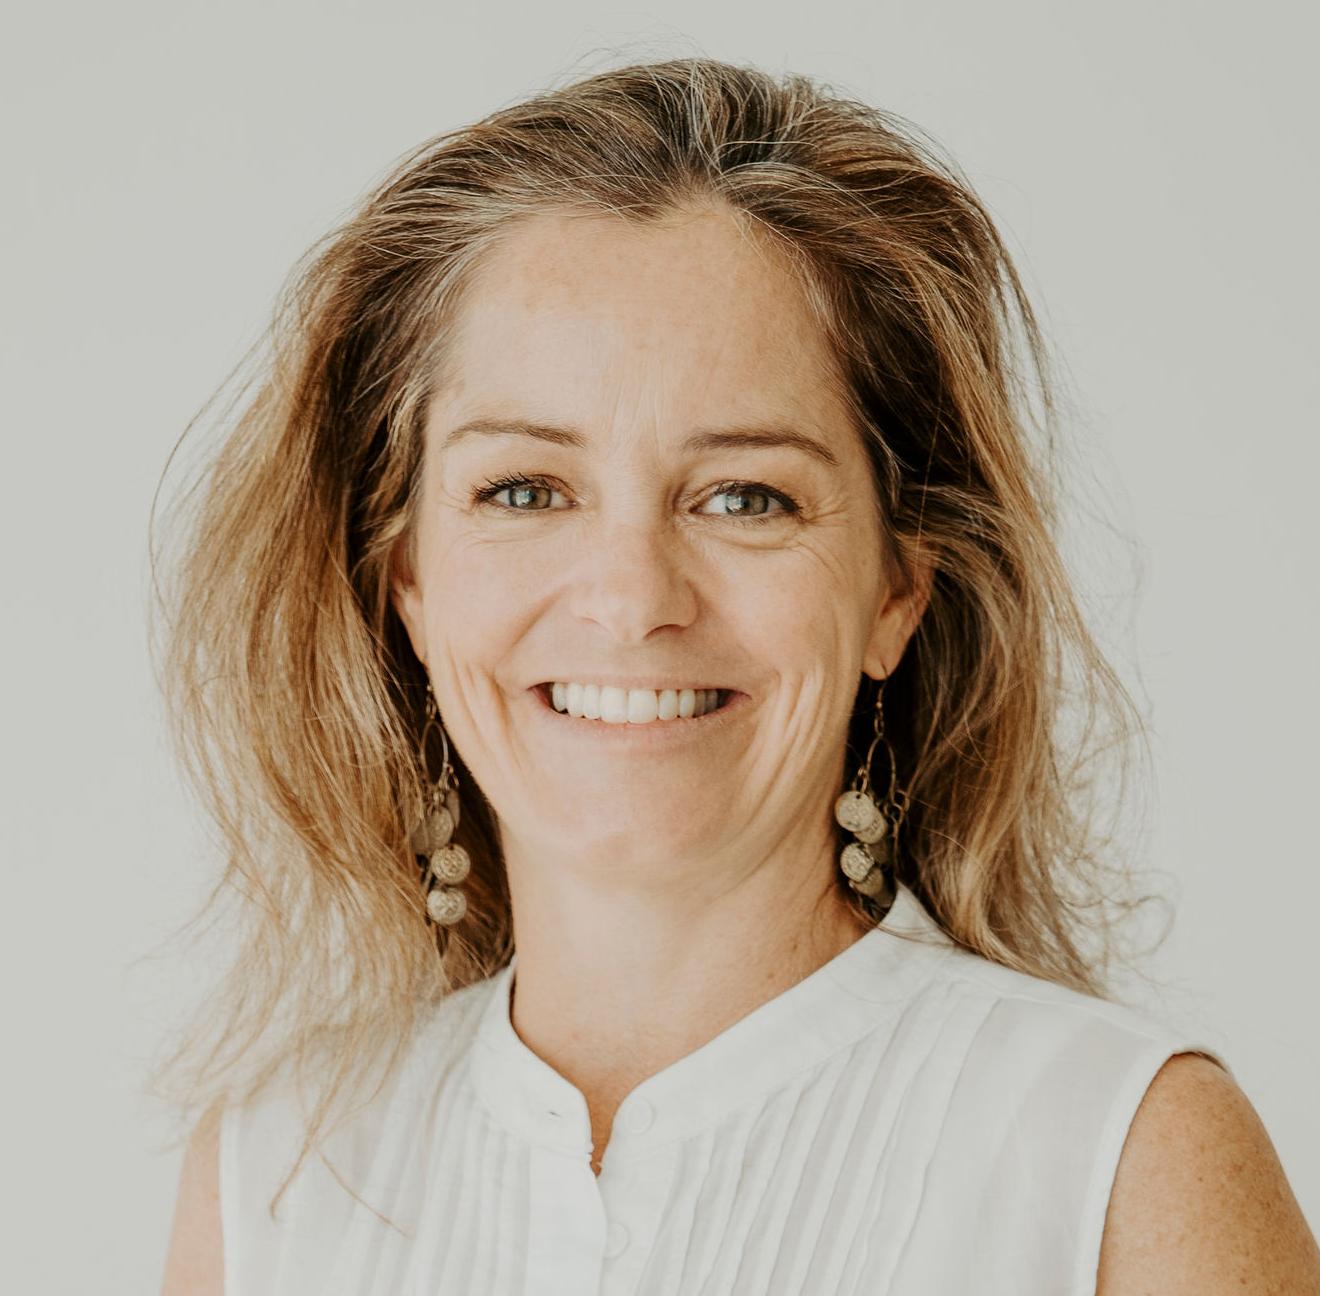 Rachael O'Byrne